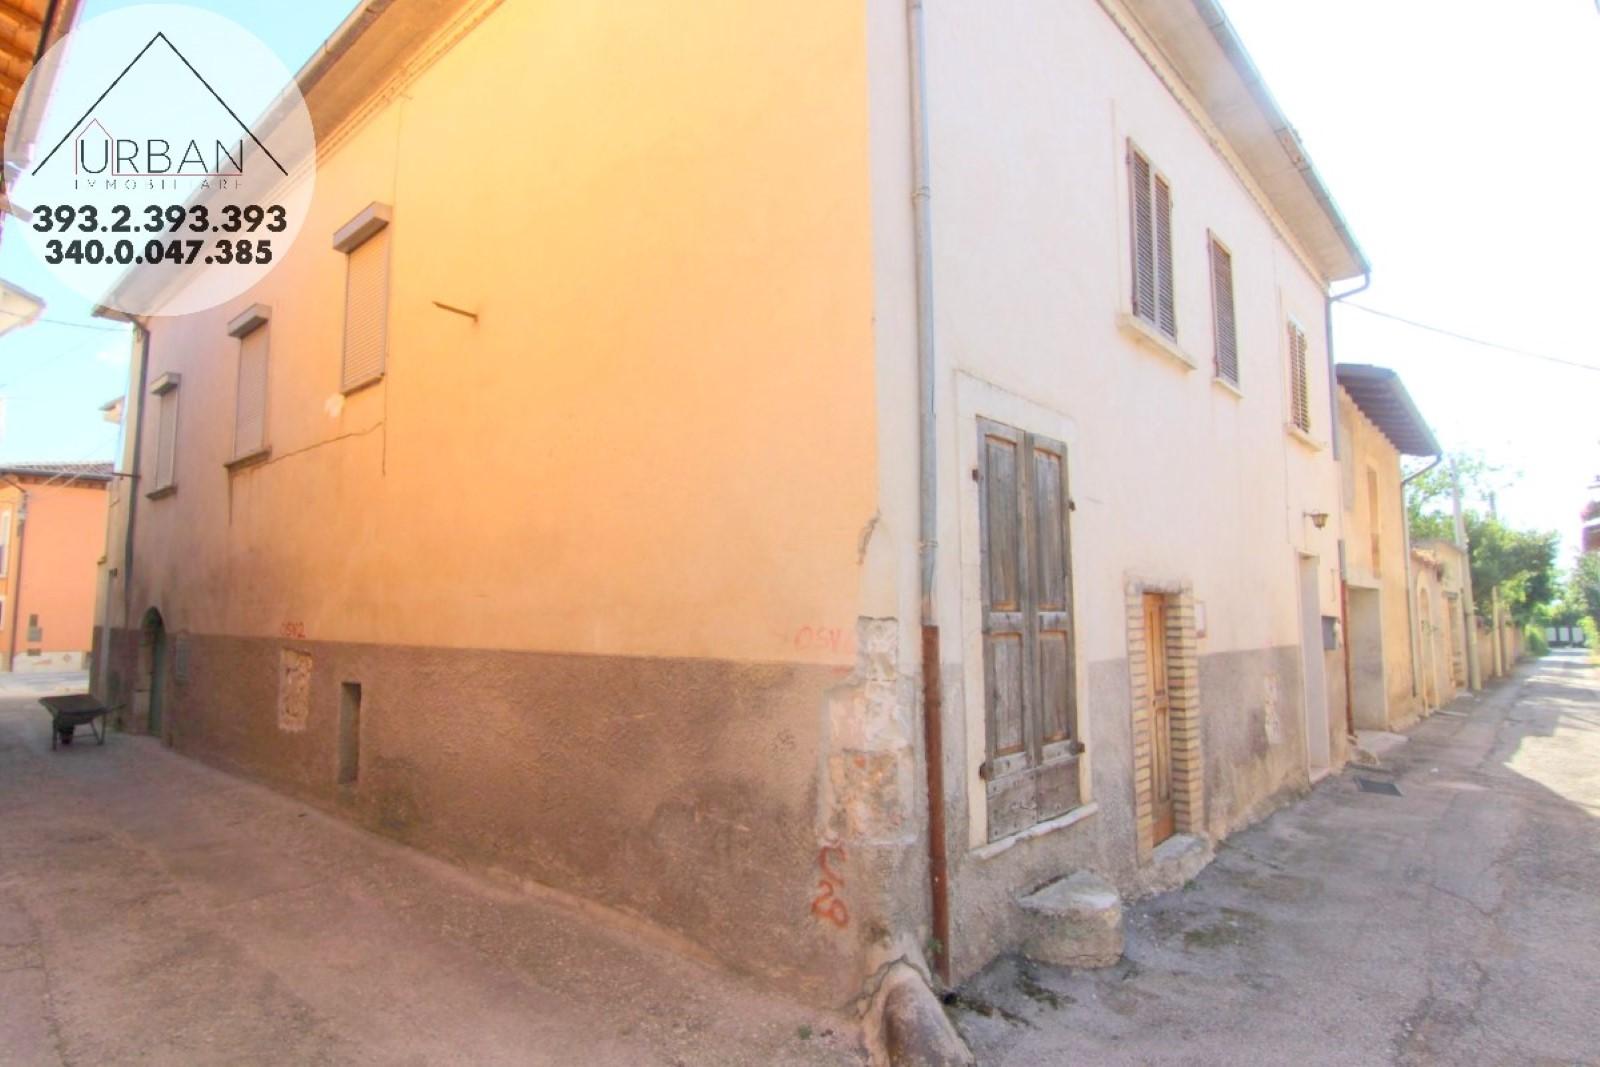 SAN DEMETRIO NE' VESTINI (AQ) - Via Cosma